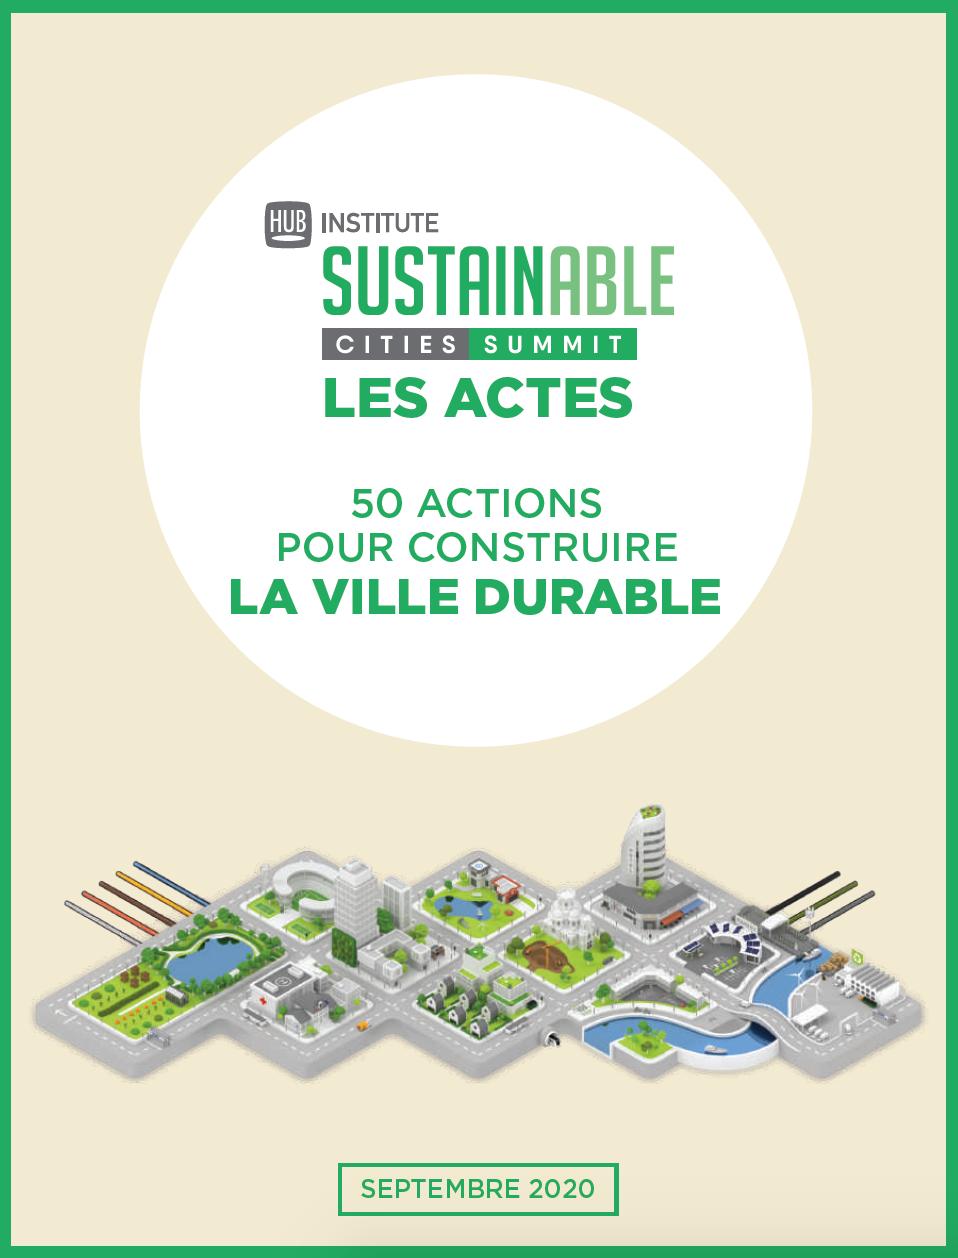 50 ACTIONS POUR CONSTRUIRE LA VILLE DURABLE